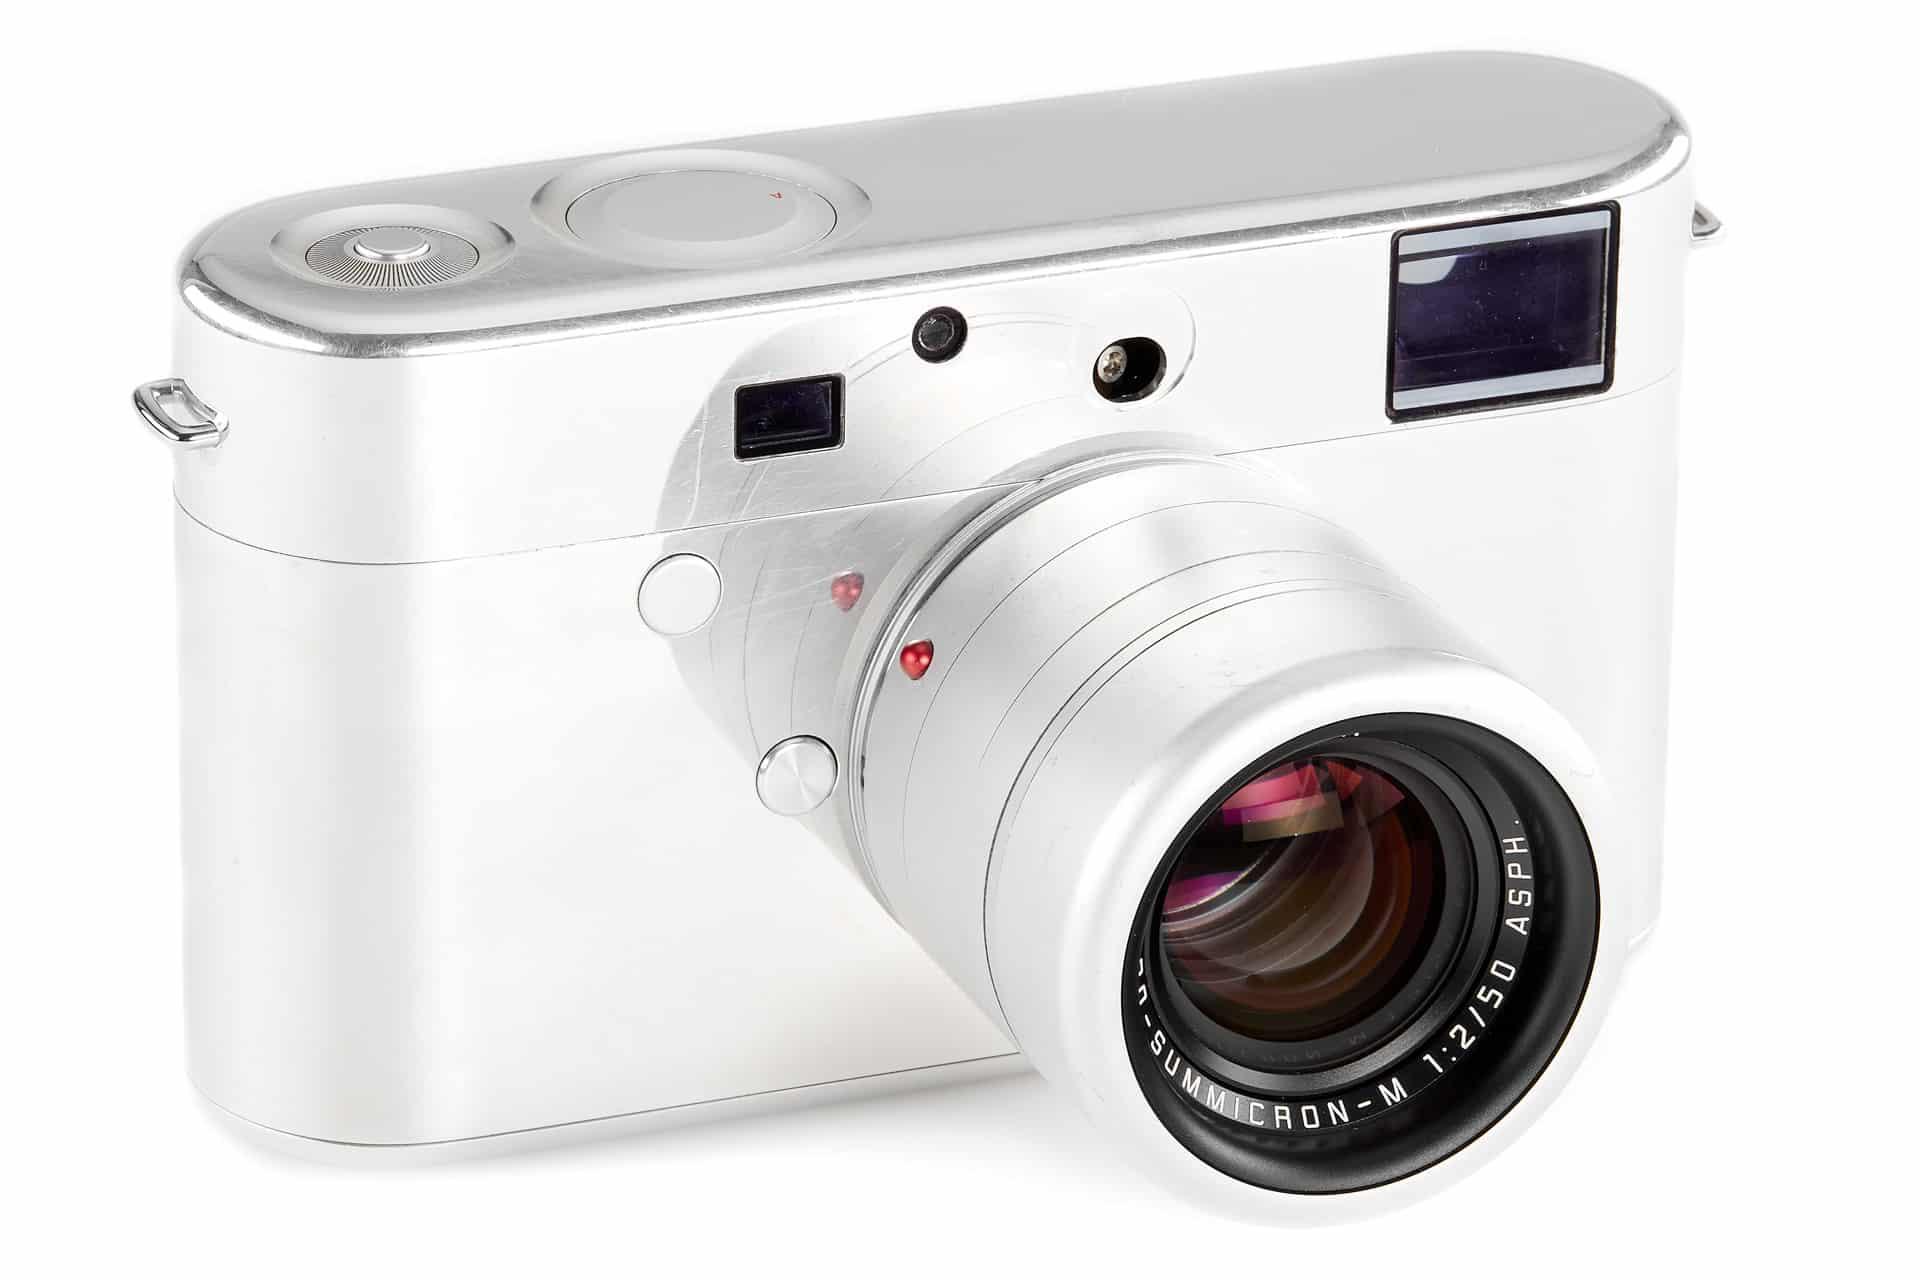 prototyp fotoaparátu Leica, ktorý navrhol Jony Ive a Mark Newson